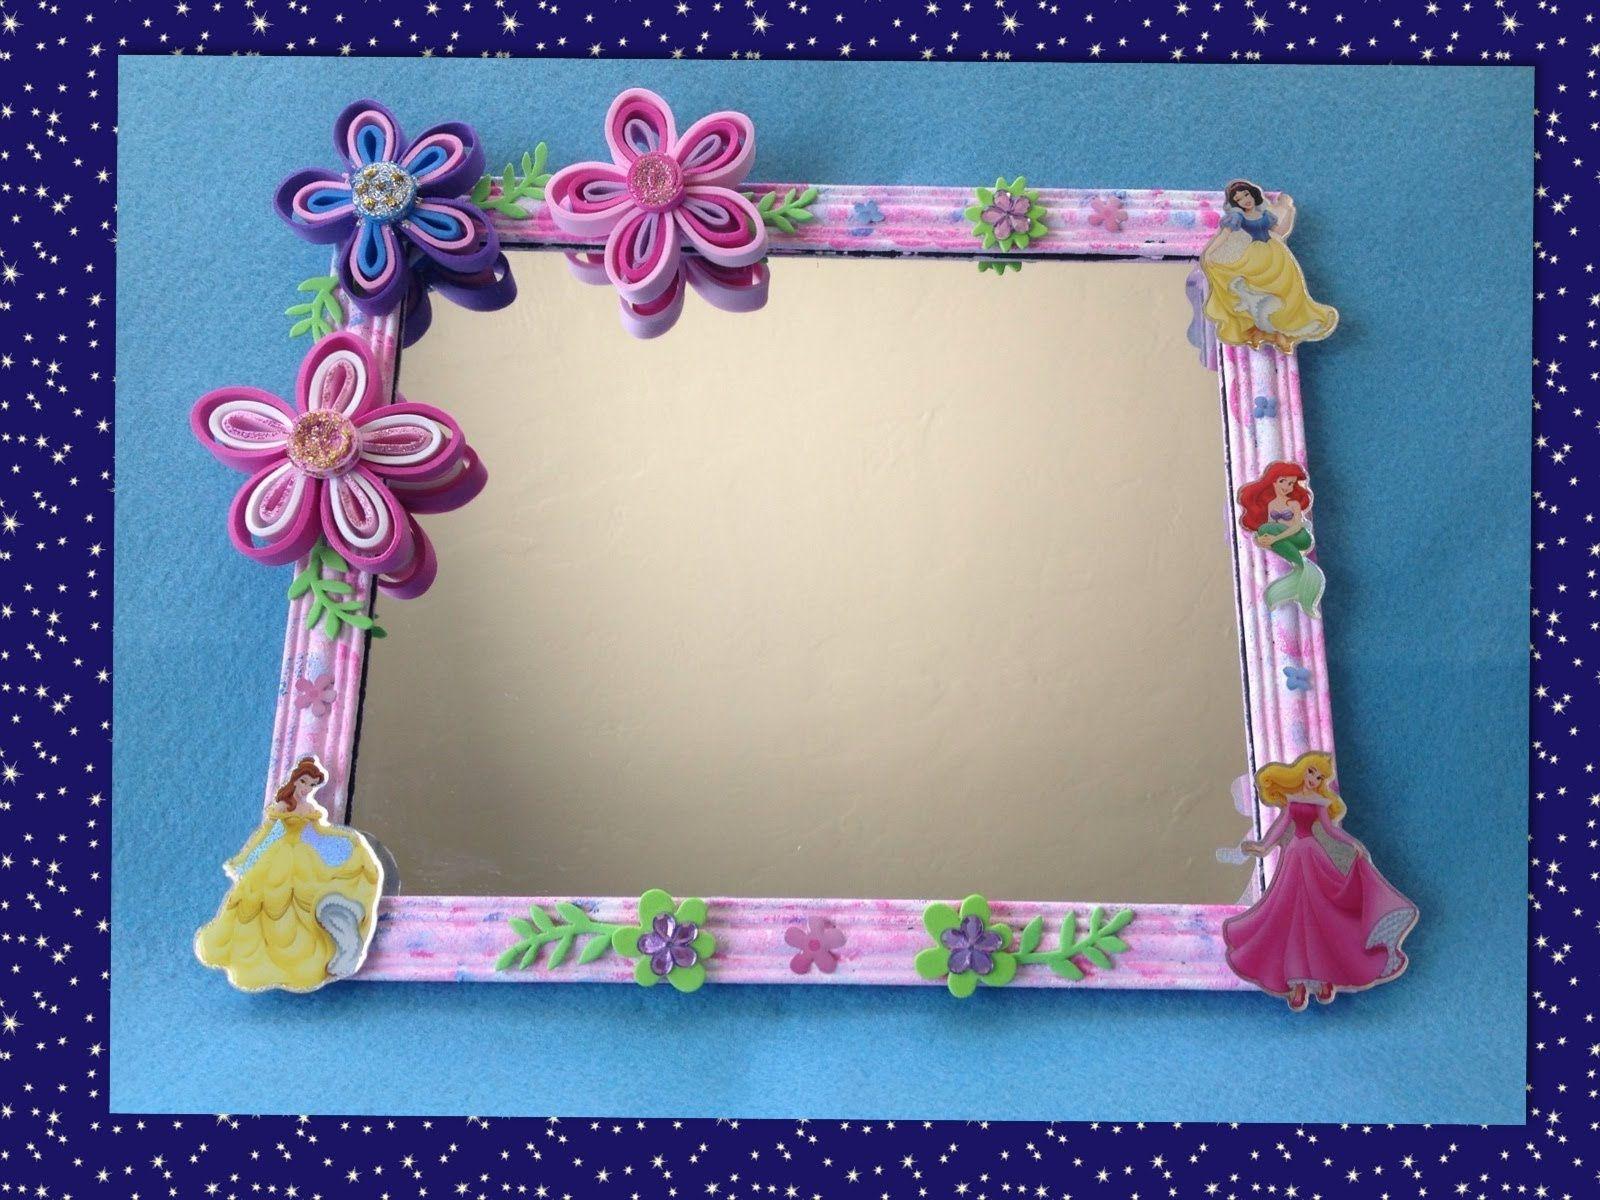 Espejo Adornado Con Flores De Foamy Espejo Adornado Marcos Personalizados Para Fiestas Manualidades